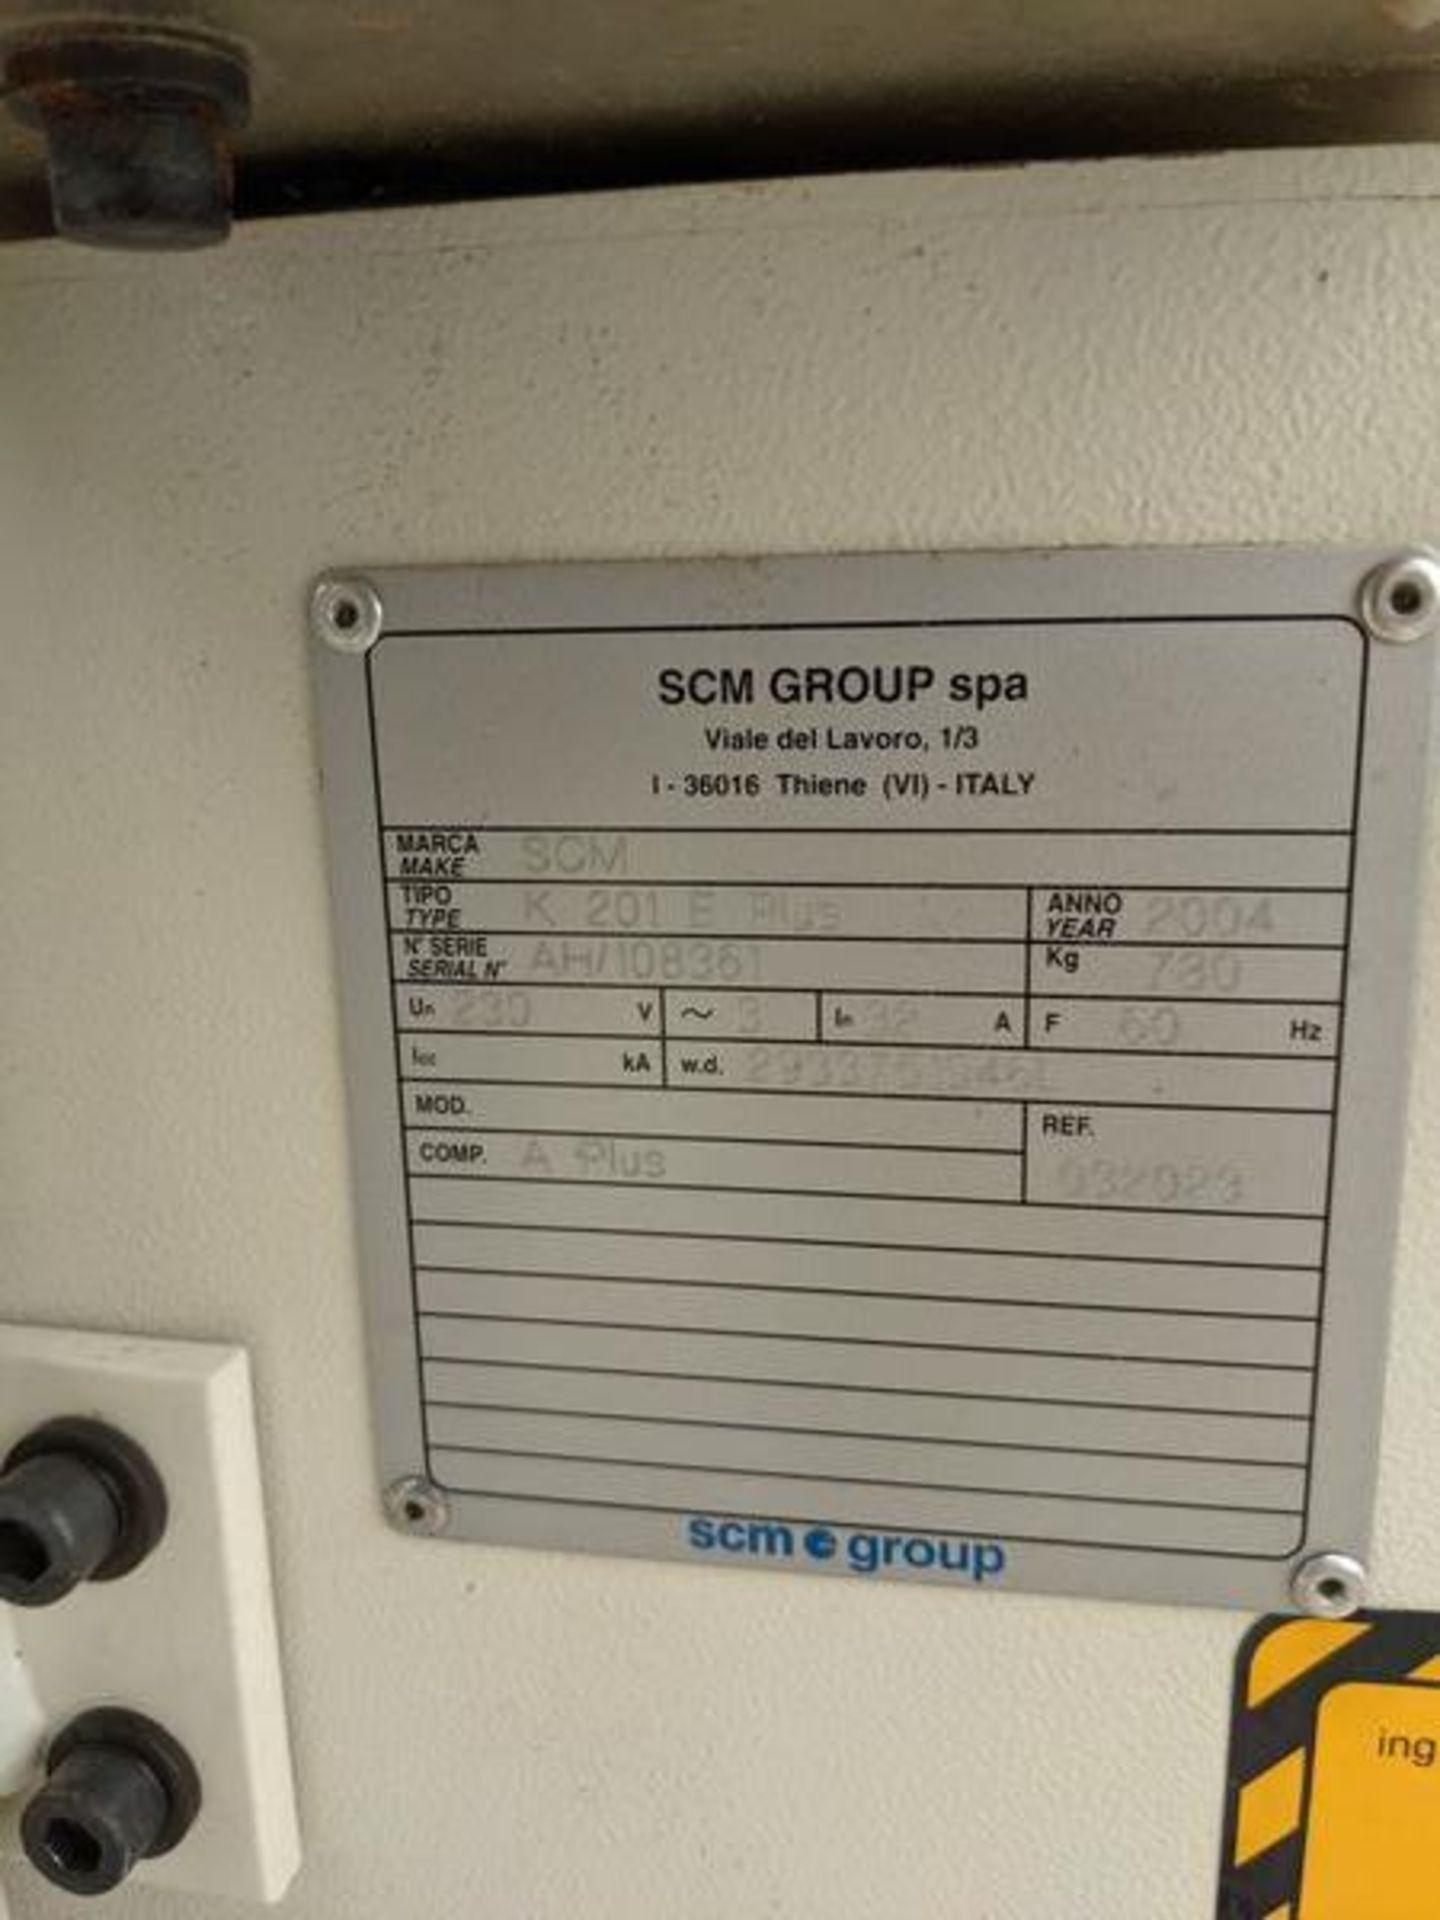 SCM K201 EdgeBander - Image 4 of 5